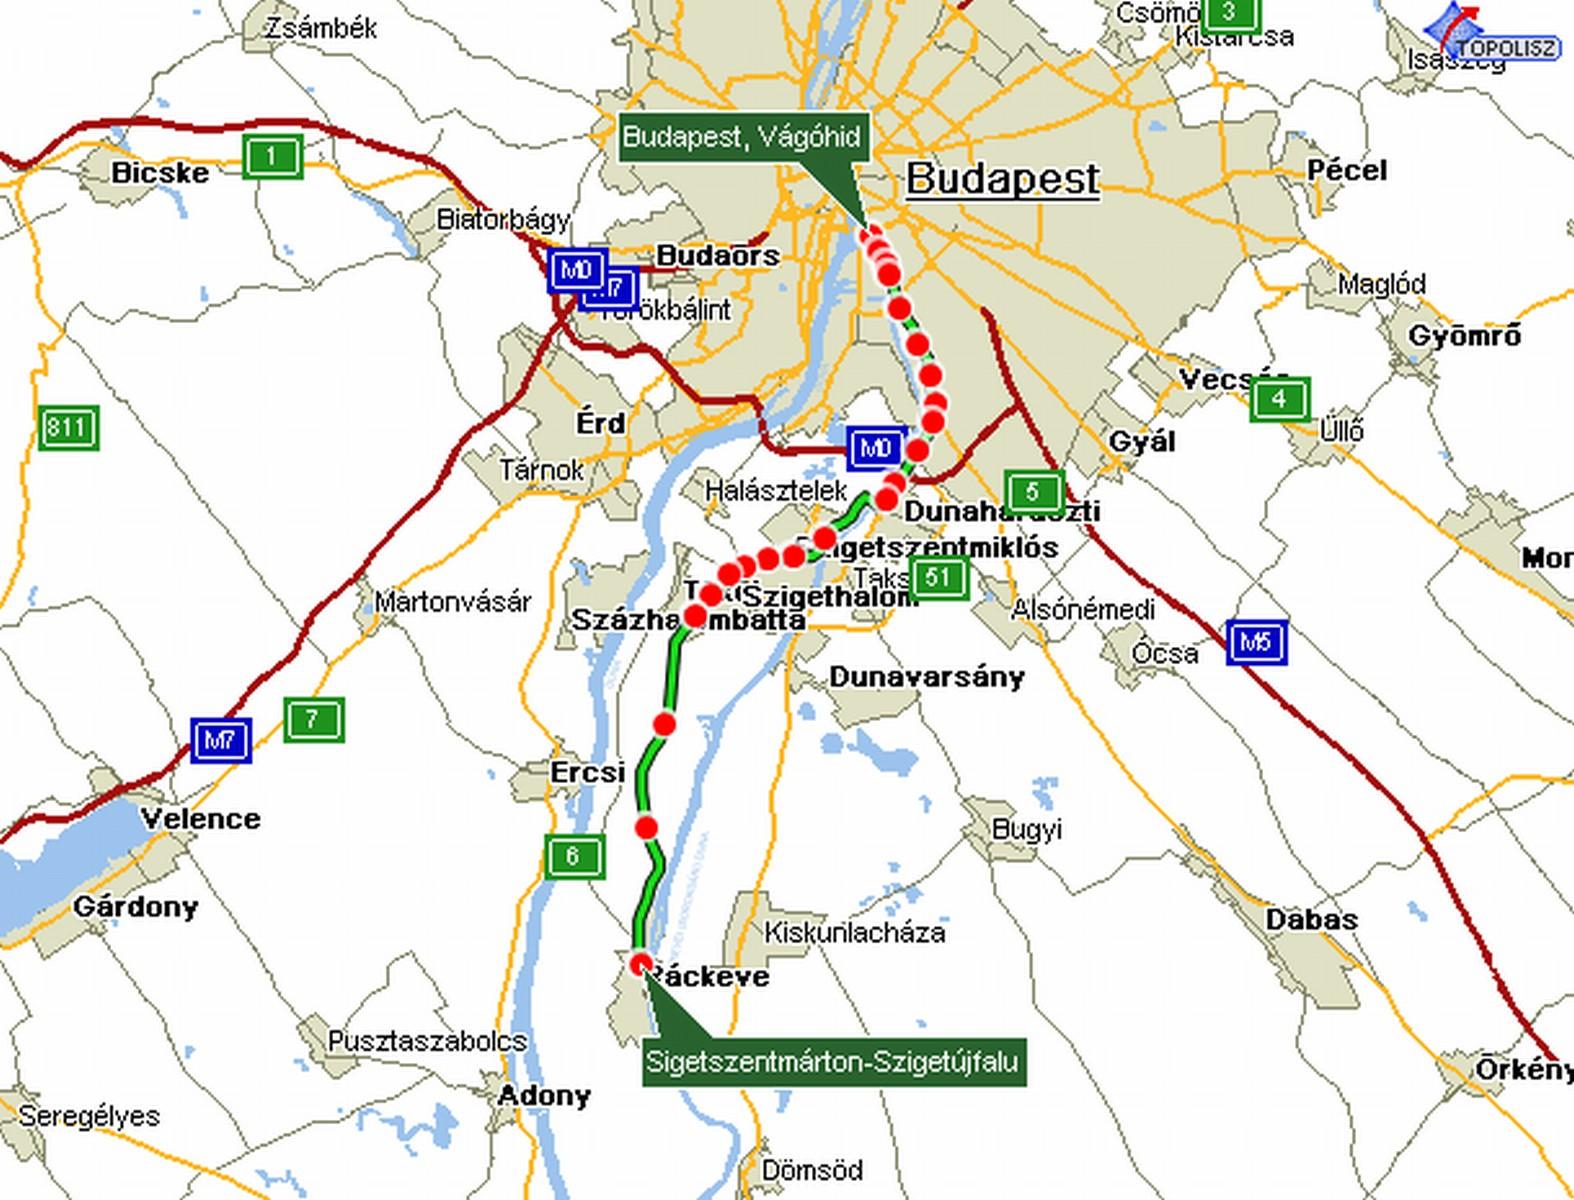 hév térkép budapest Közlekedési földrajz | SuliTudásbázis hév térkép budapest